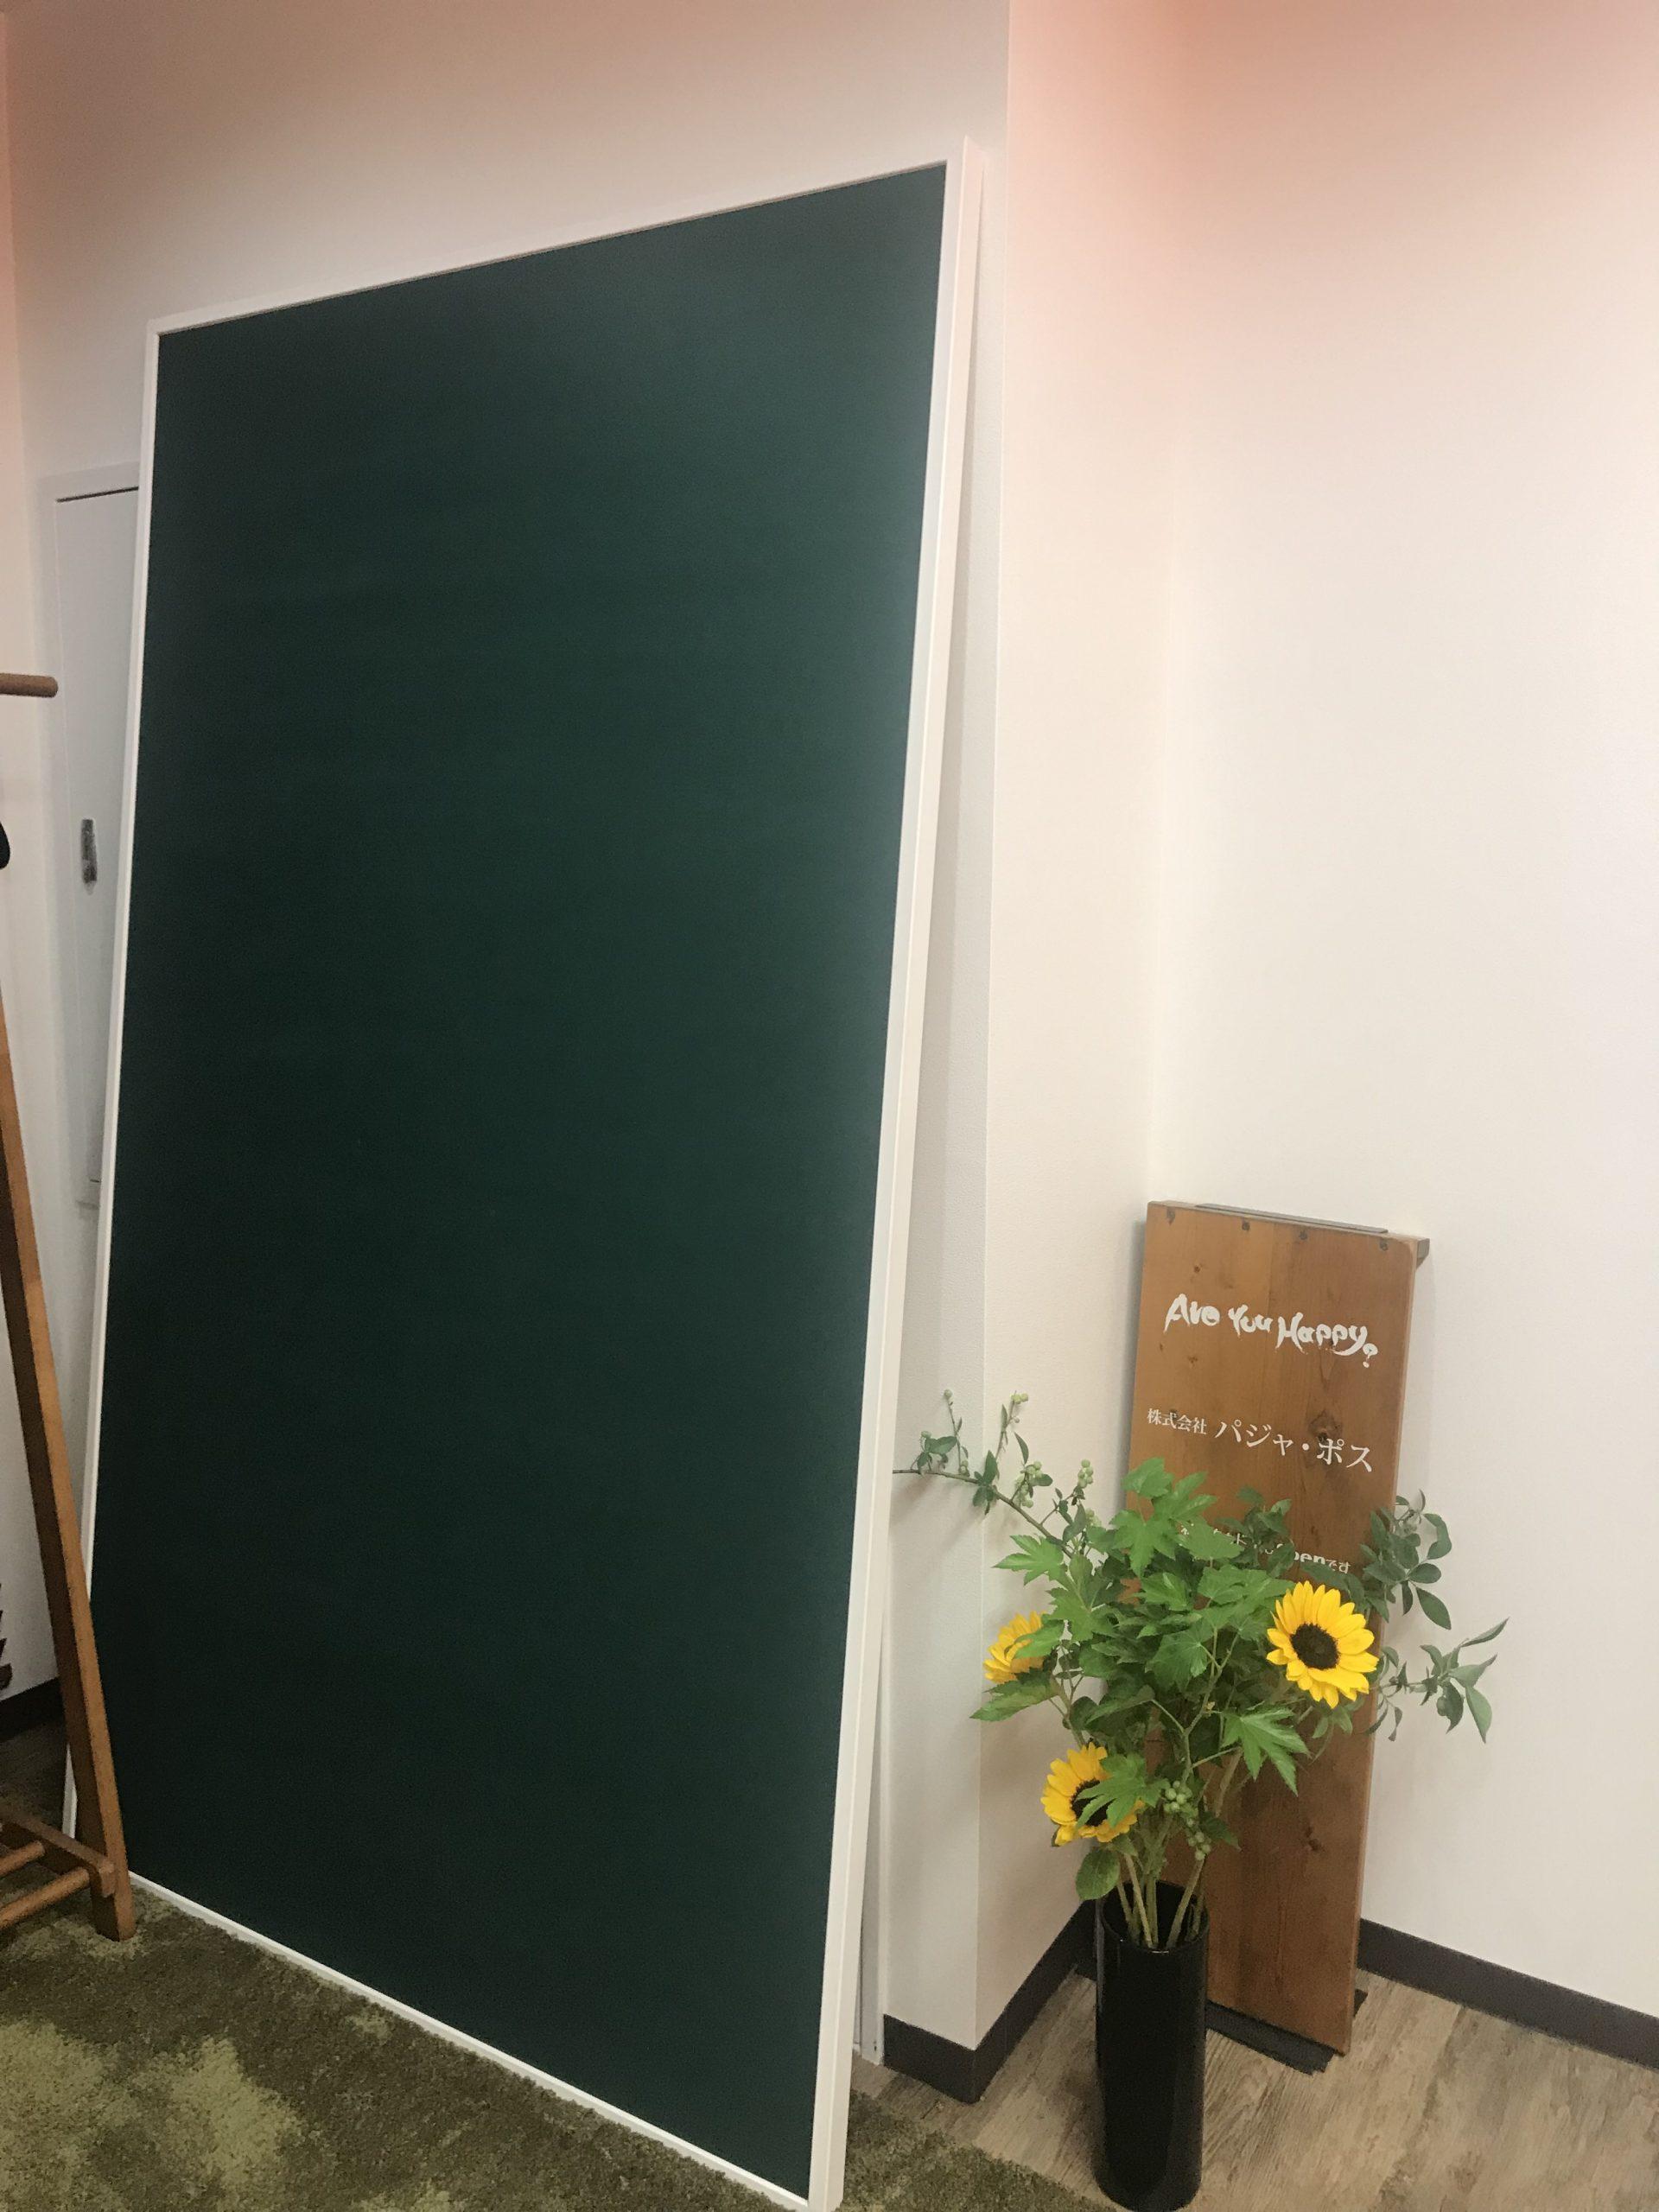 アンティーク家具で作る飽きない空間…学びの場兼オフィスのデザイン事例